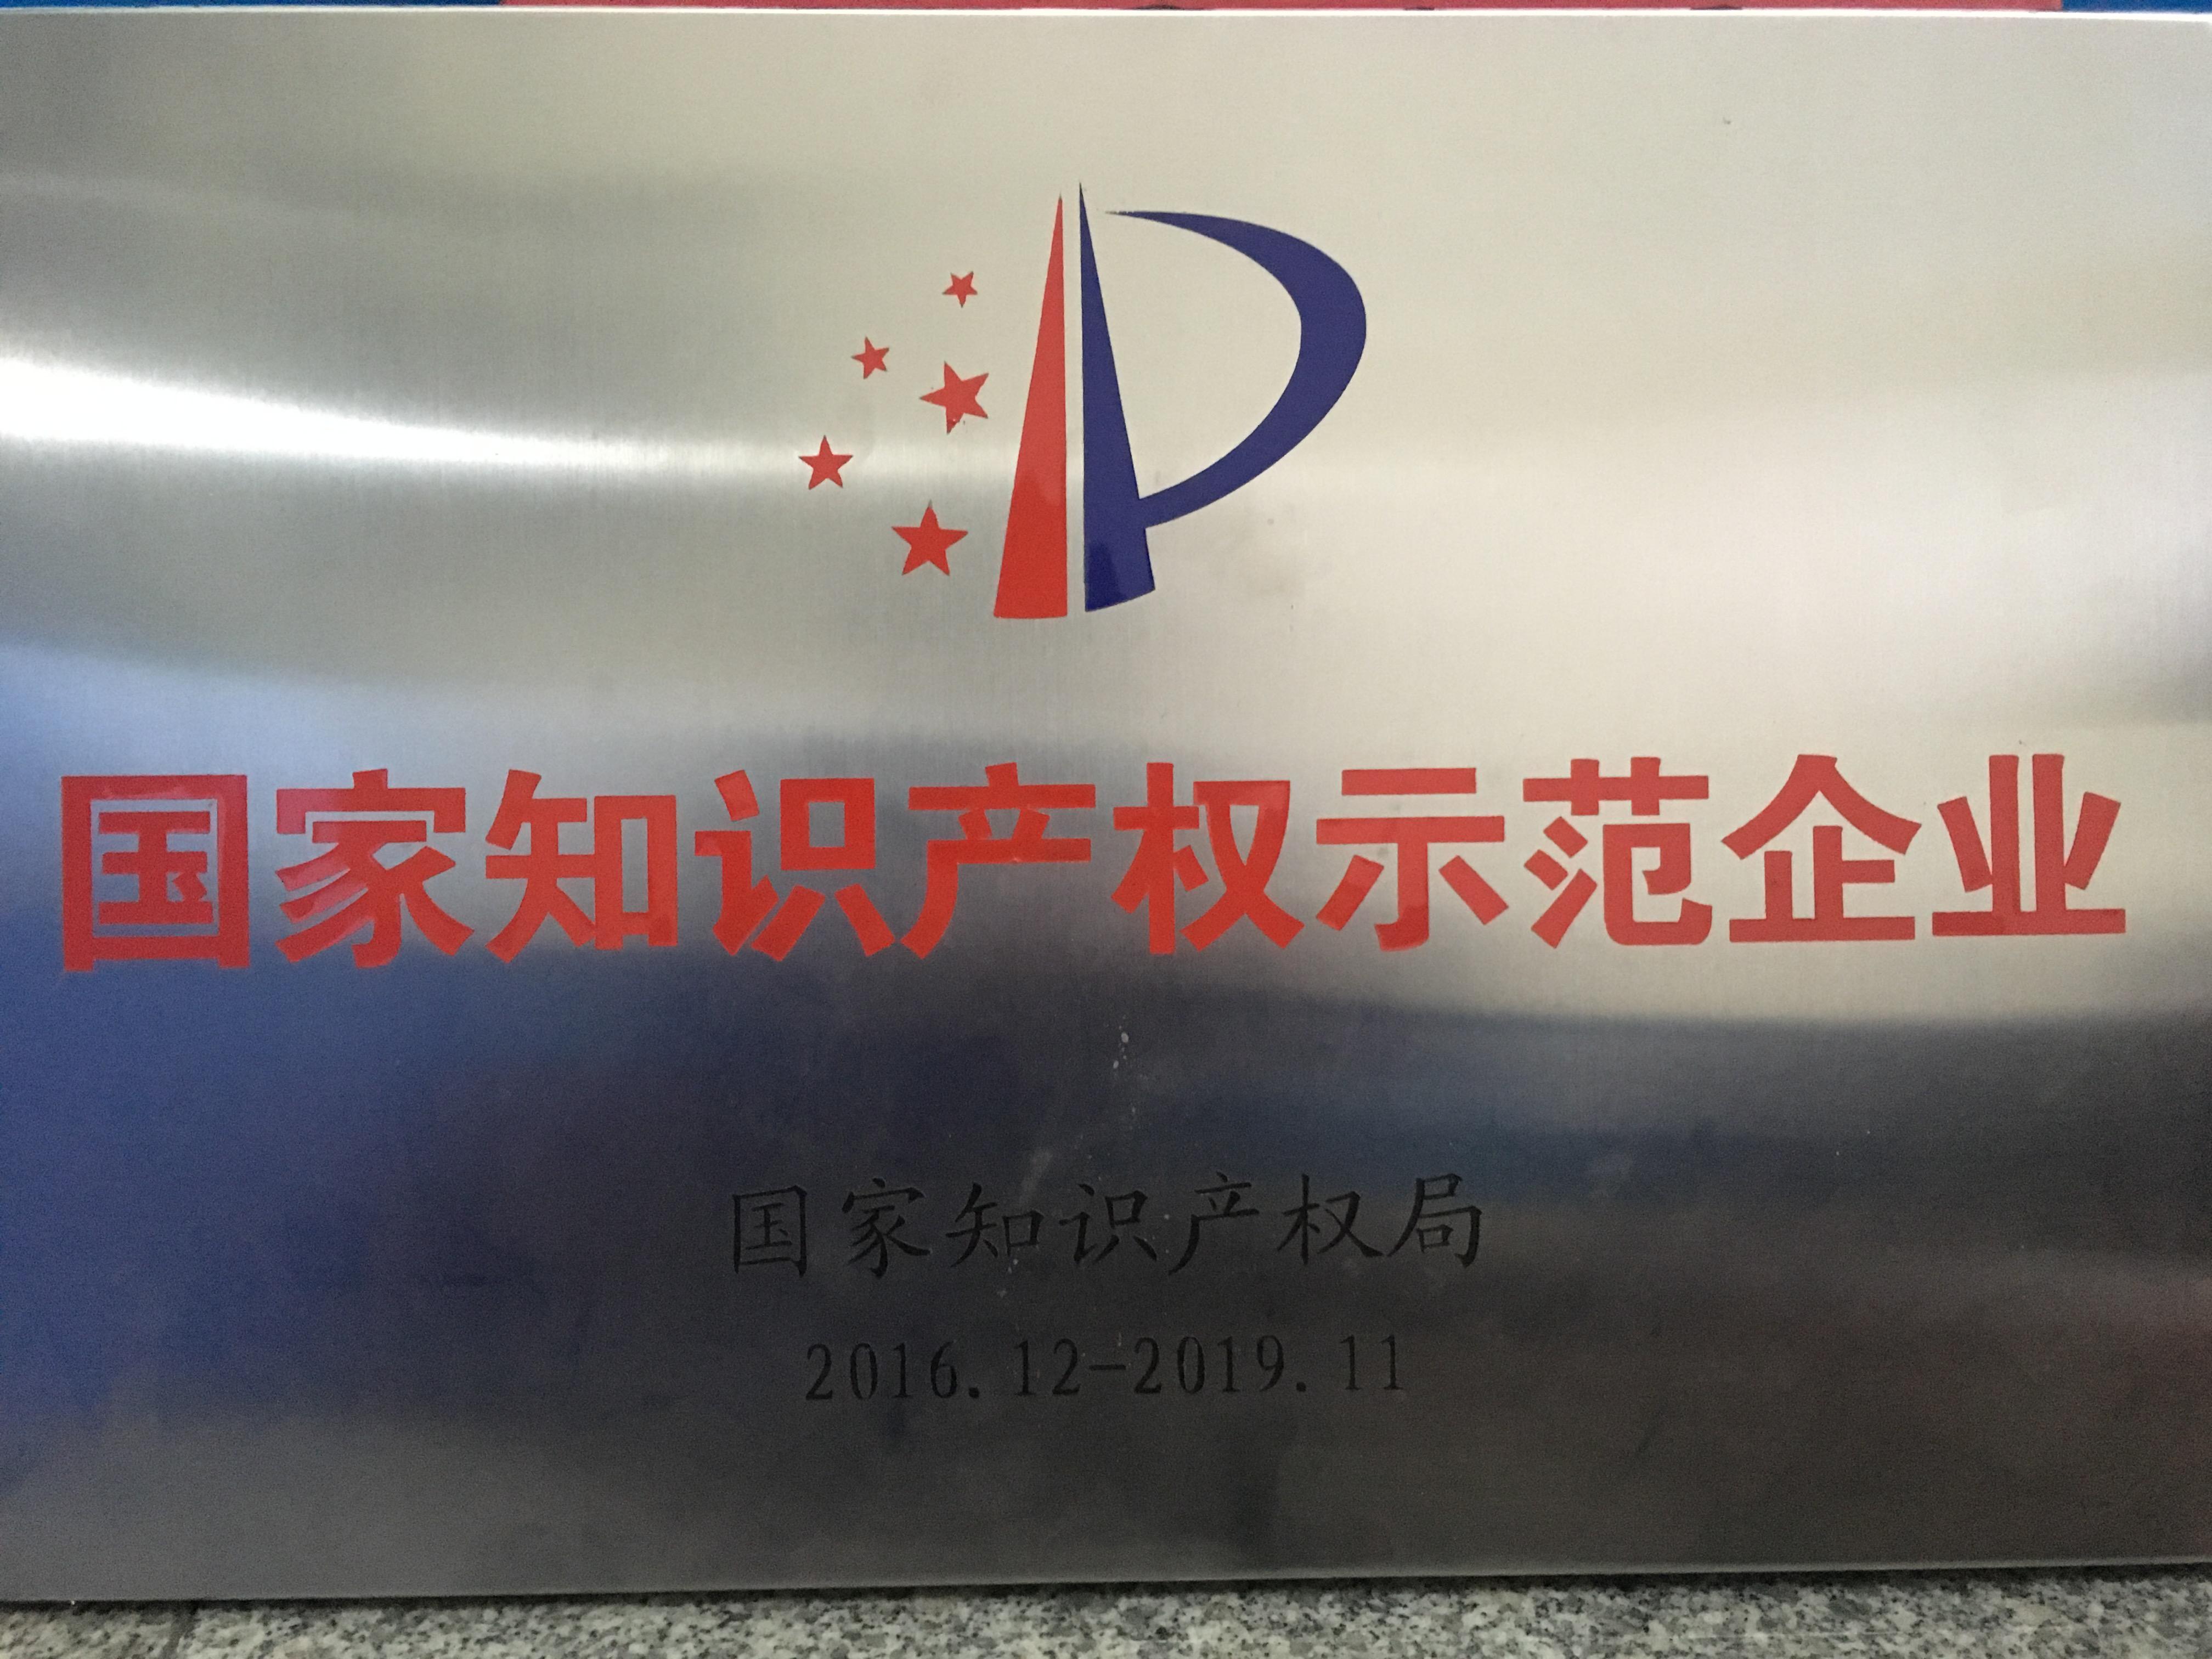 2.國家知識產權示范企業片匾